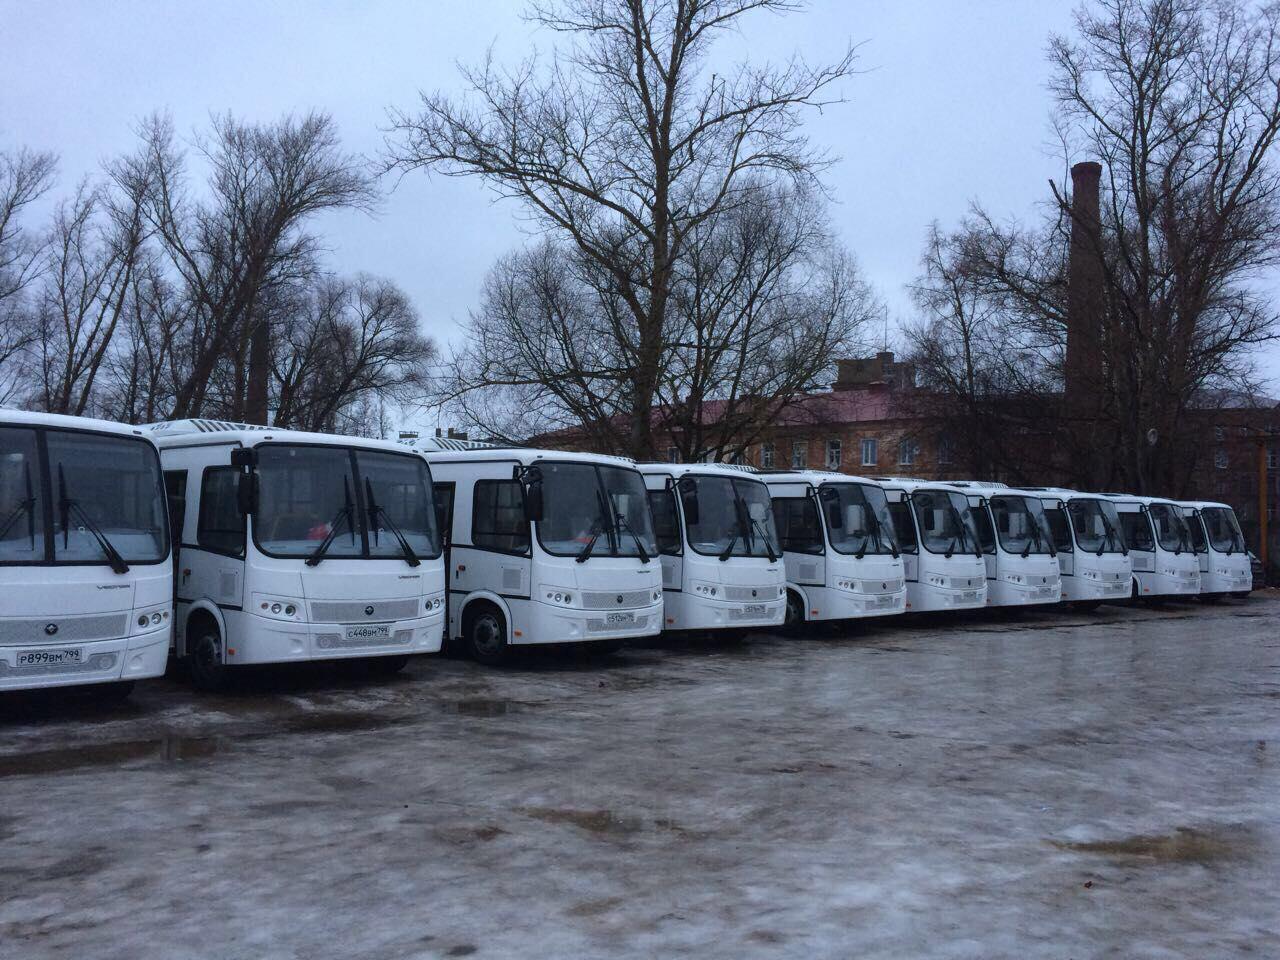 В Переславле-Залесском на городские маршруты вышли 20 новых автобусов